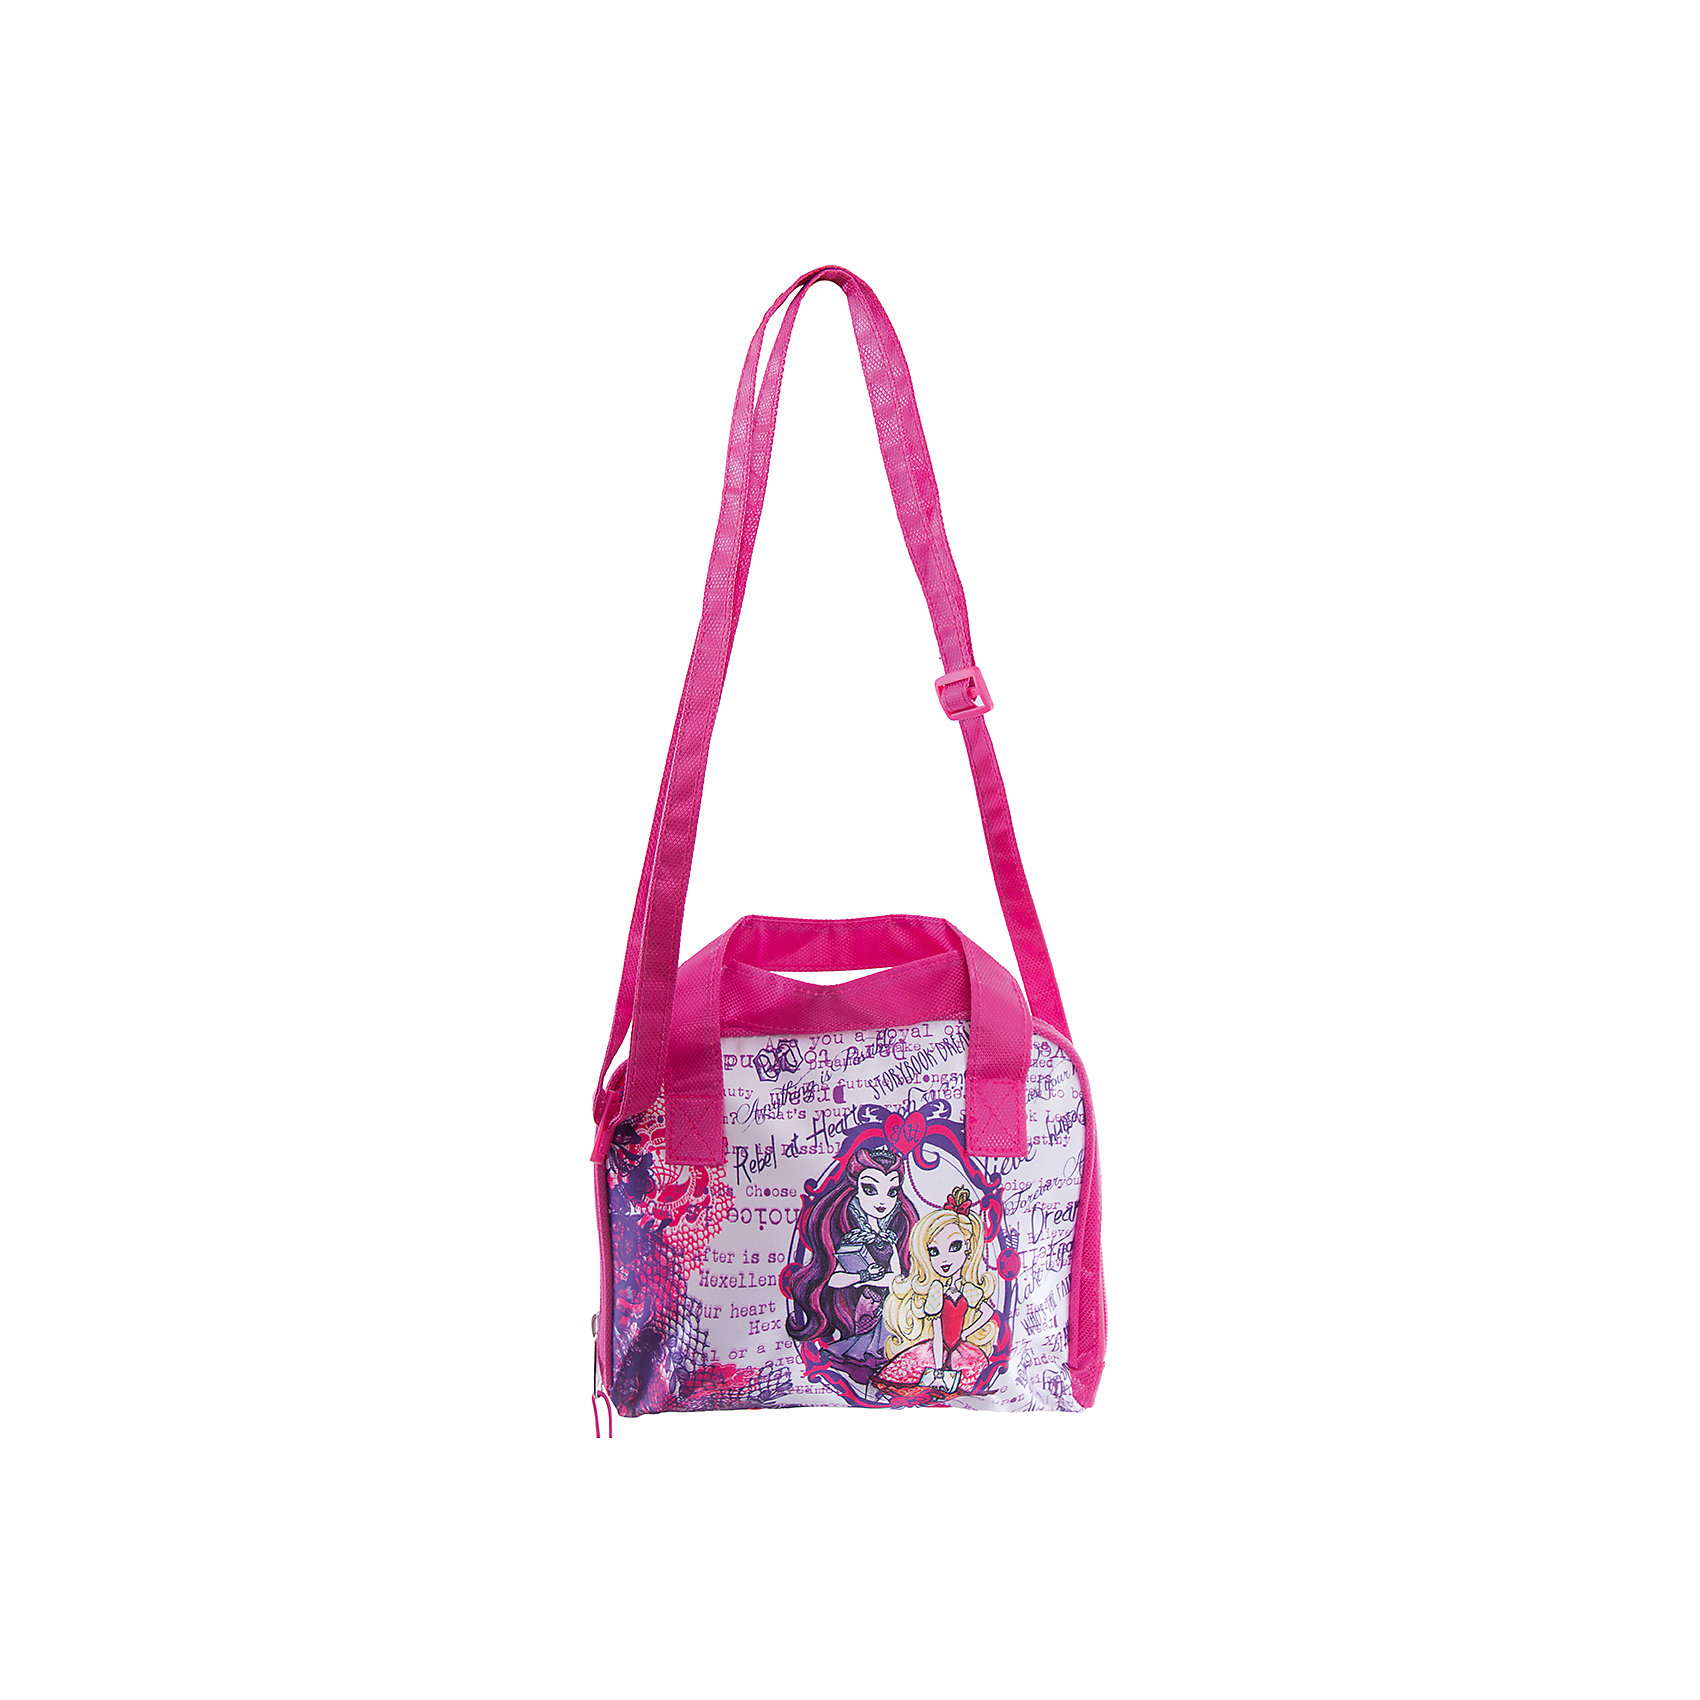 Сумка Сase bag, Ever After HighСумка Сase bag, Ever After High (Долго и счастливо) - это стильная сумочка, с которой Вашей девочке будет приятно ходить и на занятия, и на прогулку.<br>Любишь Эвер Афтер Хай и хочешь выделиться из толпы? Тогда тебе обязательно потребуется уникальная сумка в стиле Афтер Хай. Стильная сумка, изготовленная из высококачественных материалов, прочная и готовая прослужить долгое время уже ждет свою хозяйку! Сумка украшена изображениями очаровательных героинь популярного мультсериала Ever After High (Долго и счастливо) (Школа Долго и Счастливо). Сумочка закрывается на застежку-молнию и имеет две удобные ручки. Предусмотрен ремешок для ношения через плечо.<br><br>Дополнительная информация:<br><br>- Размер упаковки: 23х2,5х18,5 см.<br>- Вес в упаковке: 152 гр.<br><br>Сумку Сase bag, Ever After High (Долго и счастливо) можно купить в нашем интернет-магазине.<br><br>Ширина мм: 230<br>Глубина мм: 25<br>Высота мм: 185<br>Вес г: 152<br>Возраст от месяцев: 48<br>Возраст до месяцев: 96<br>Пол: Женский<br>Возраст: Детский<br>SKU: 4700029